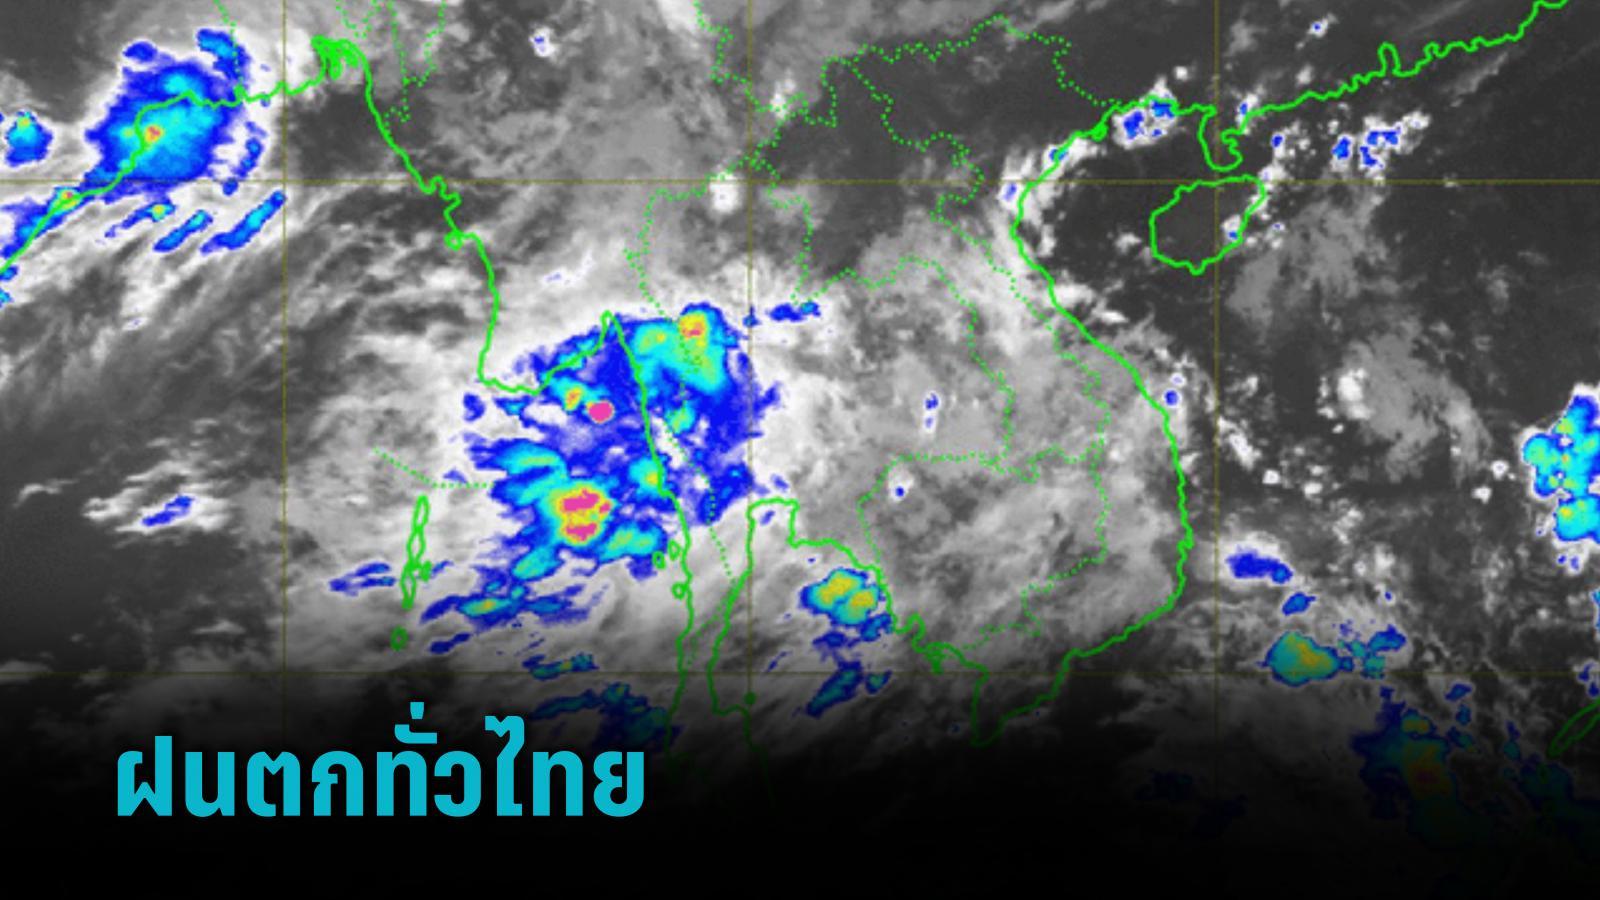 อุตุฯ เตือน ฝนตกหนักทั่วไทยระวังน้ำท่วมฉับพลัน